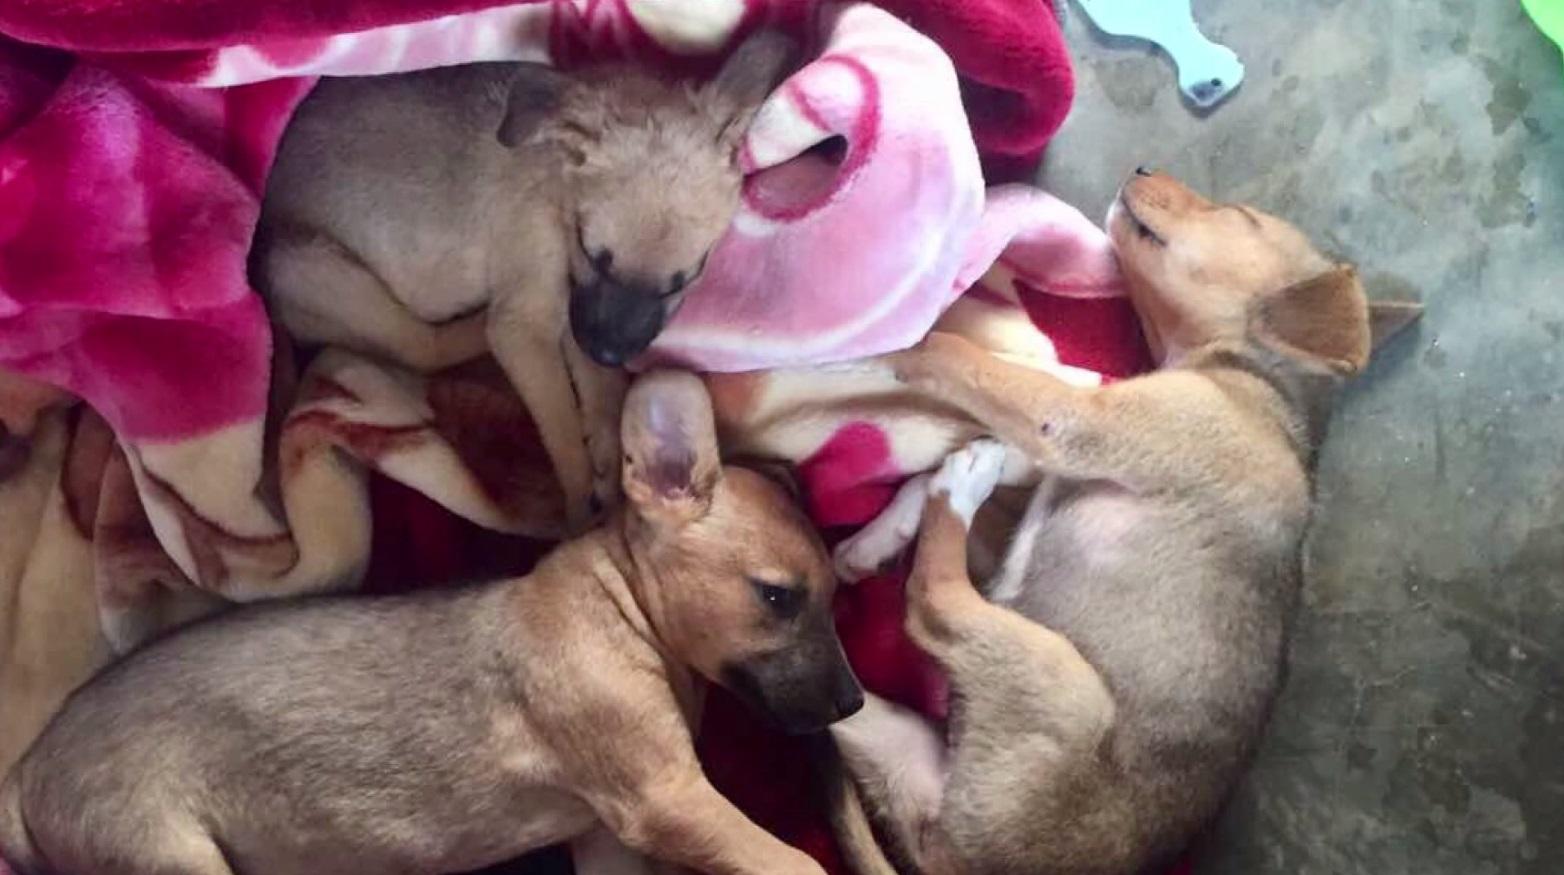 uganda puppies kelsey sabo_1527114989876.jpg.jpg